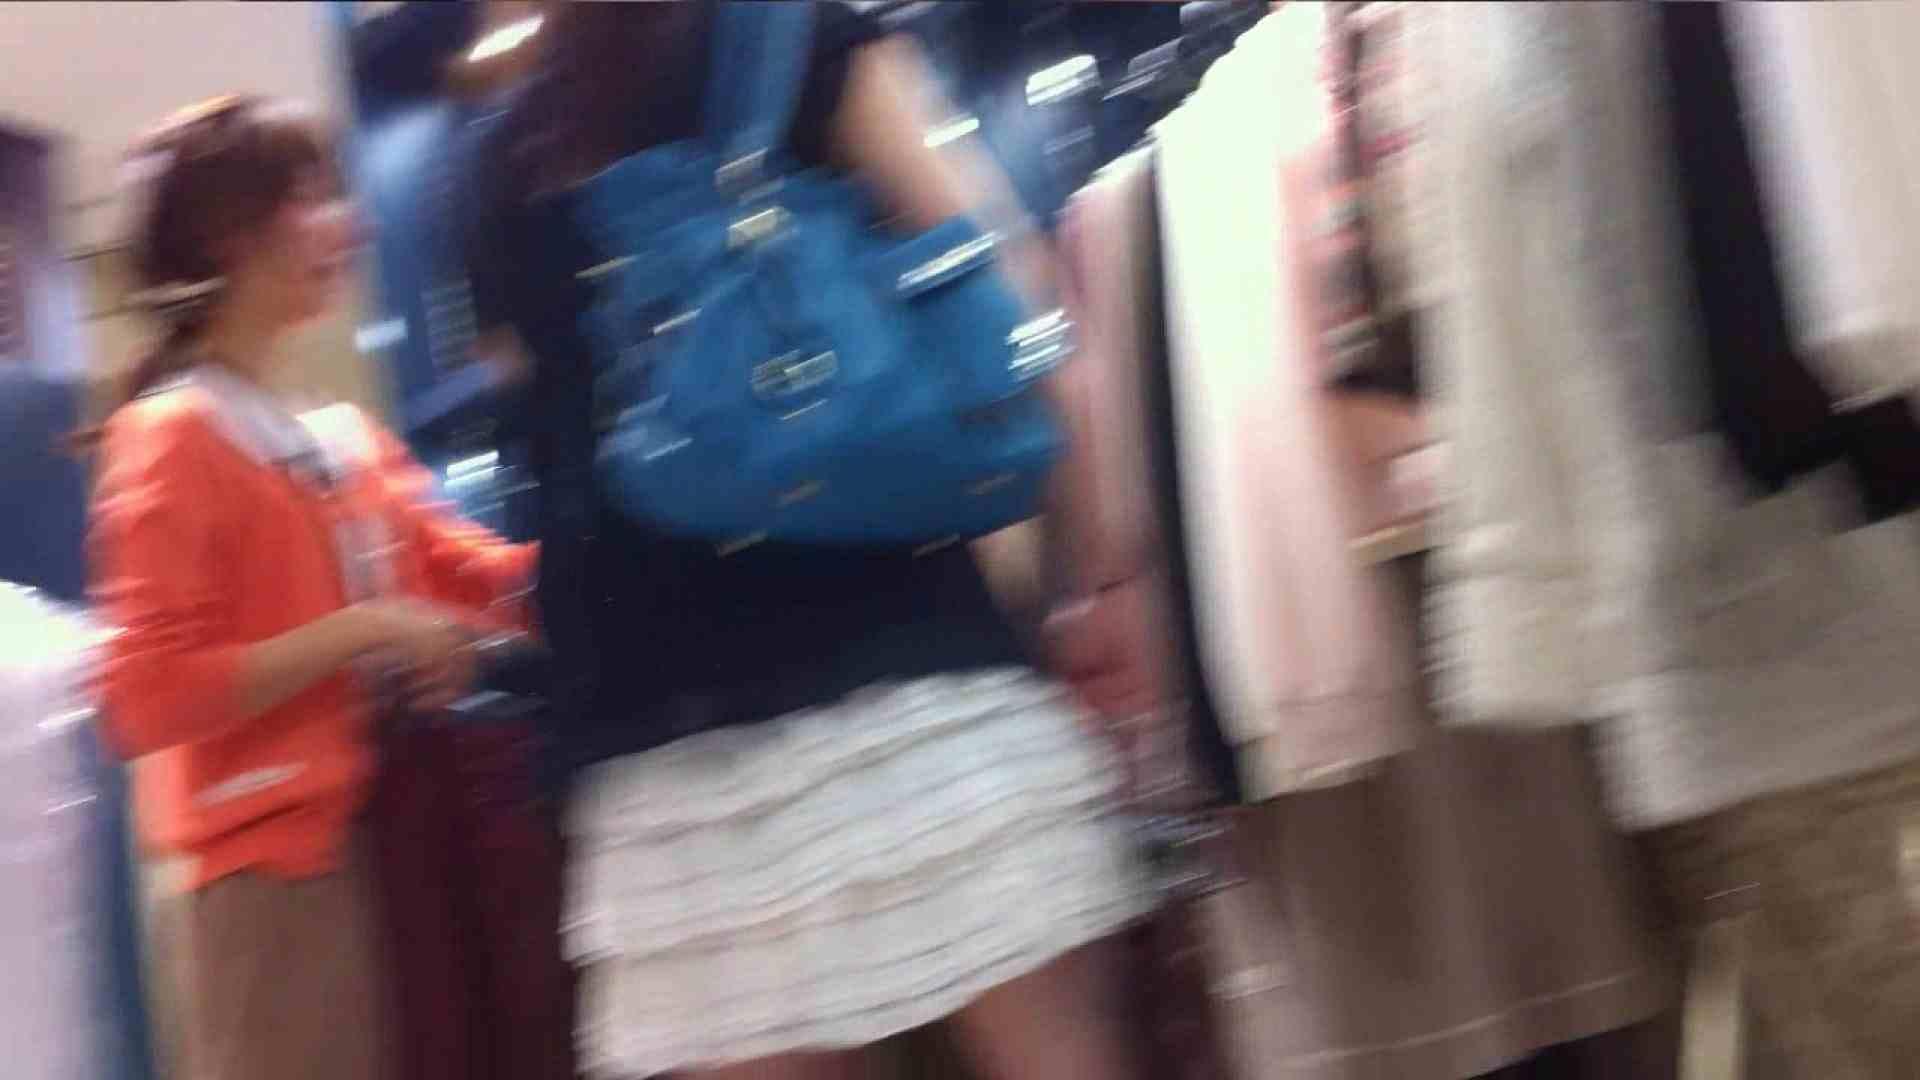 vol.33 美人アパレル胸チラ&パンチラ ギャル系ネーチャンの下着 チラ 盗撮画像 94pic 23